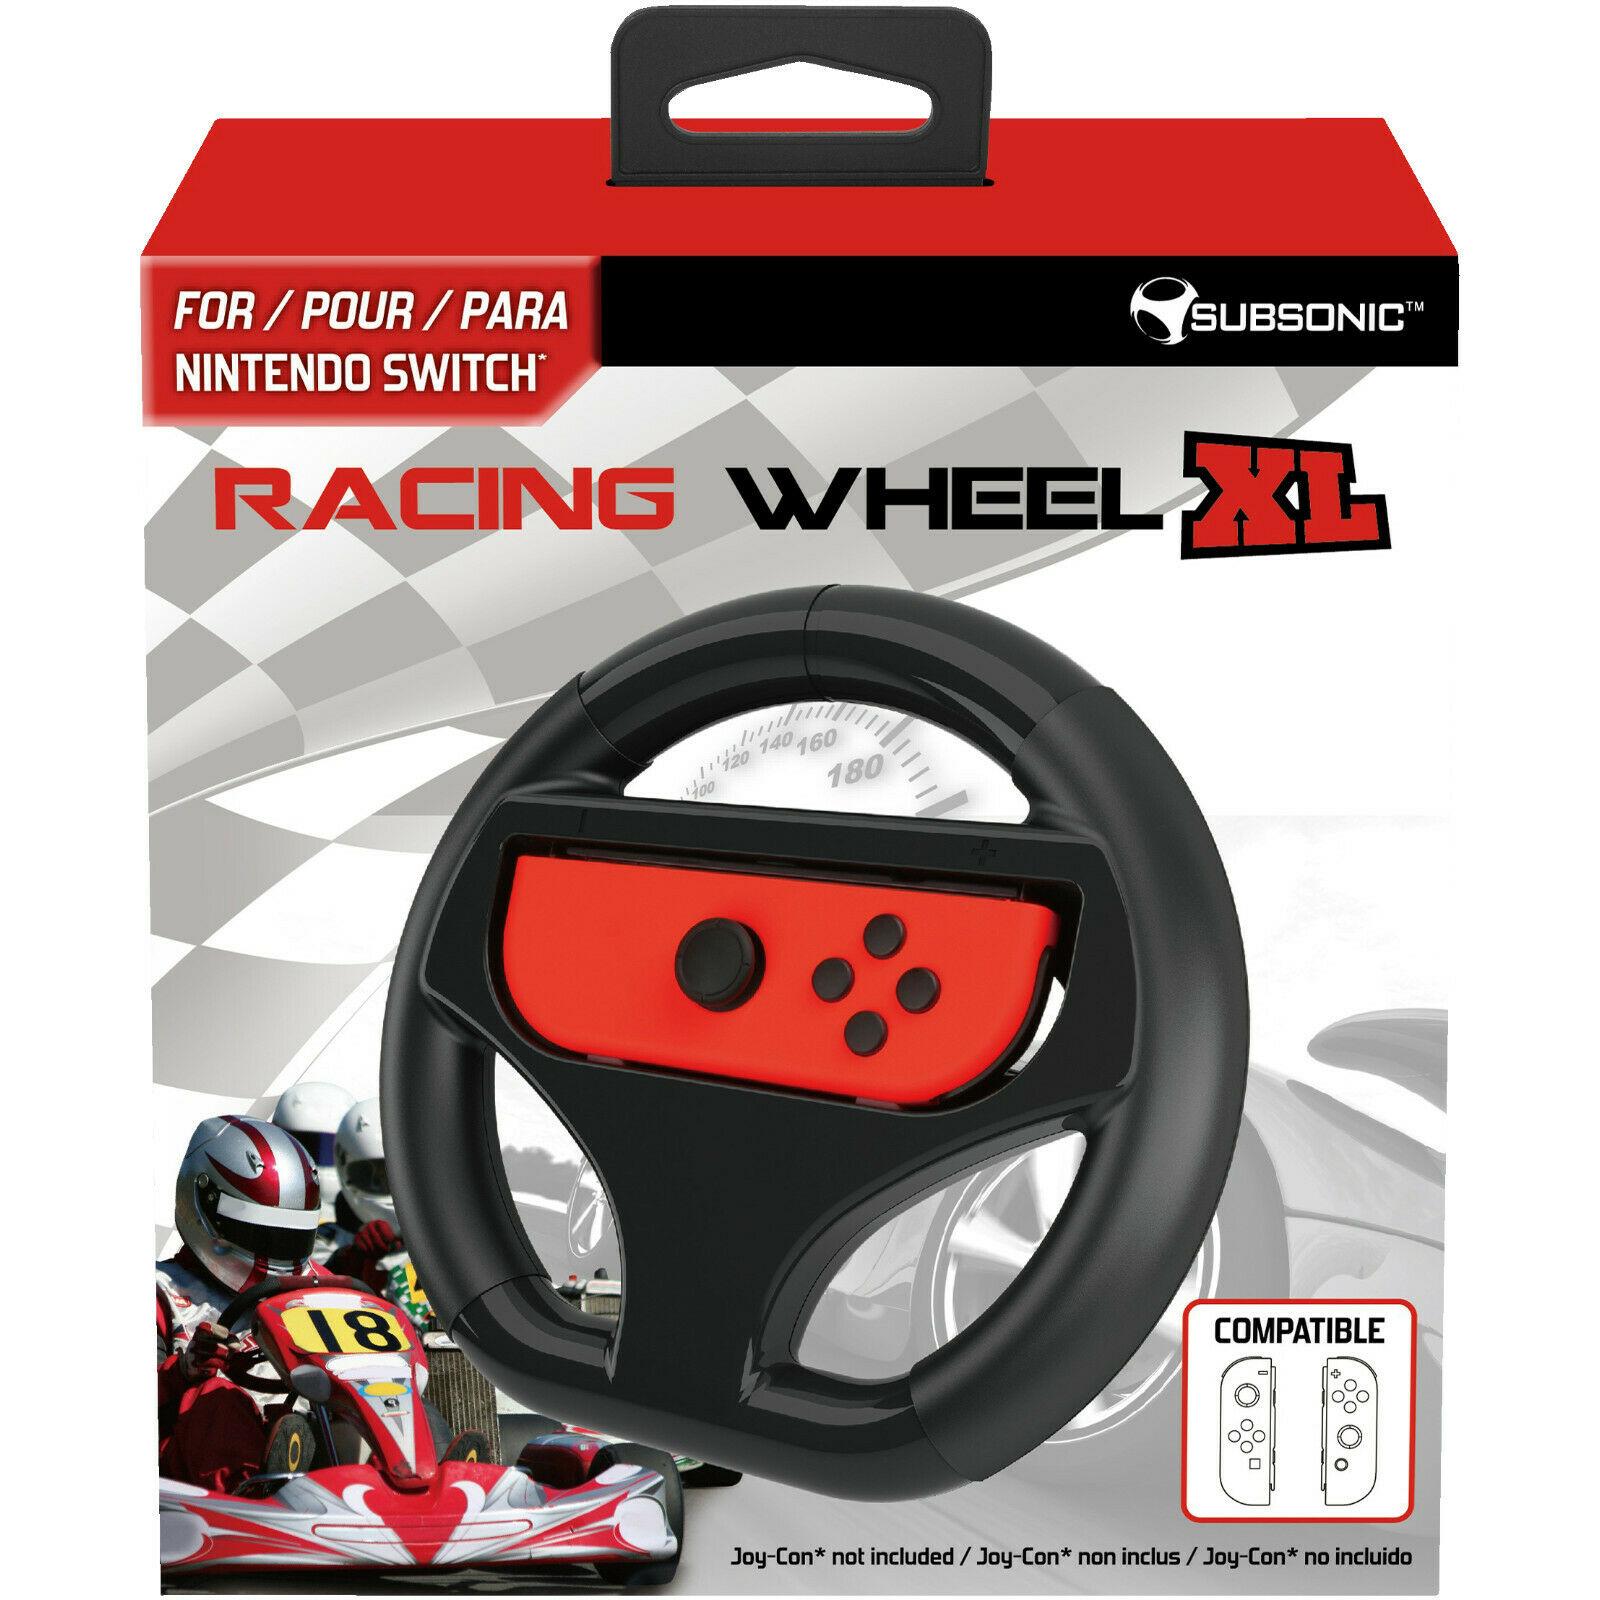 Subsonic Nintendo Switch Racing Wheel XL Lenkrad für 5,70€ versandkostenfrei (Media Markt eBay)